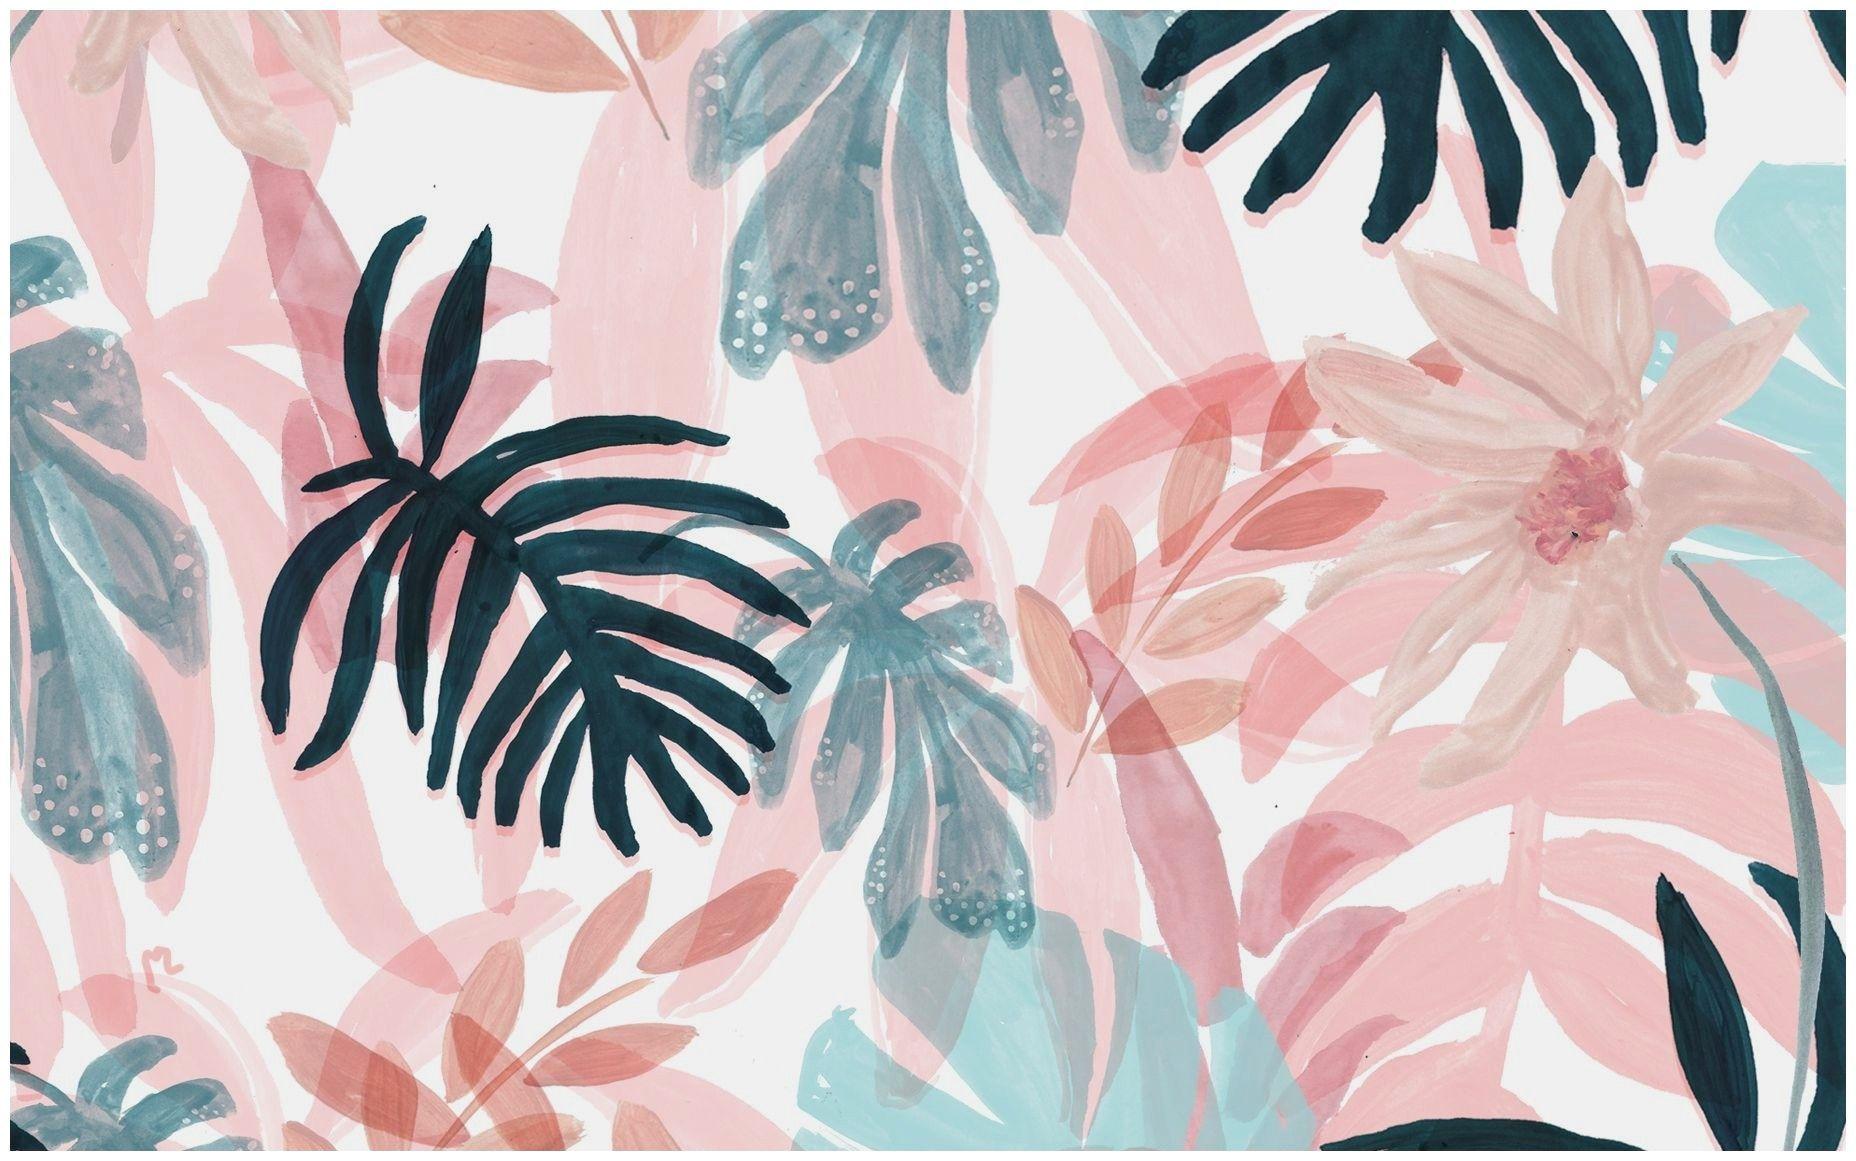 Pink Desktop Backgrounds Gallery Aesthetic Desktop Wallpaper Pink Wallpaper Backgrounds Cute Desktop Wallpaper